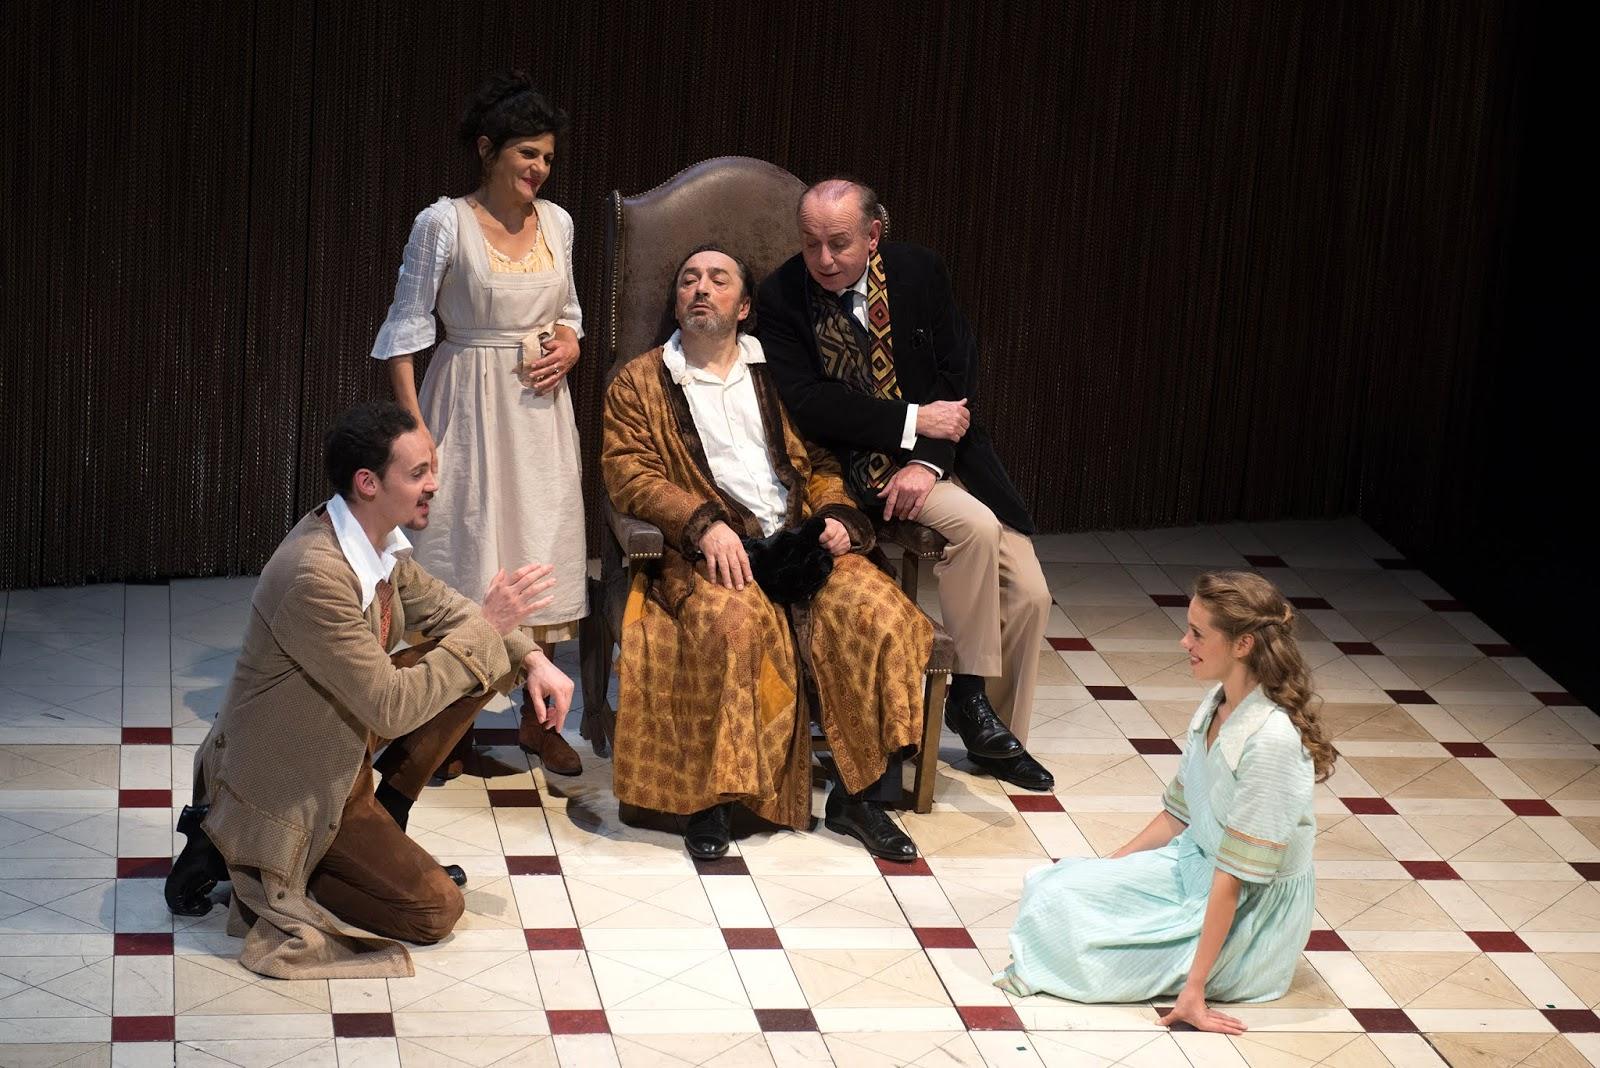 Resultado de imagen para El enfermo imaginario, la última y genial pieza de Molière, dirigida por Michel Didym, en el marco de la Temporada Internacional dedicada a Francia.